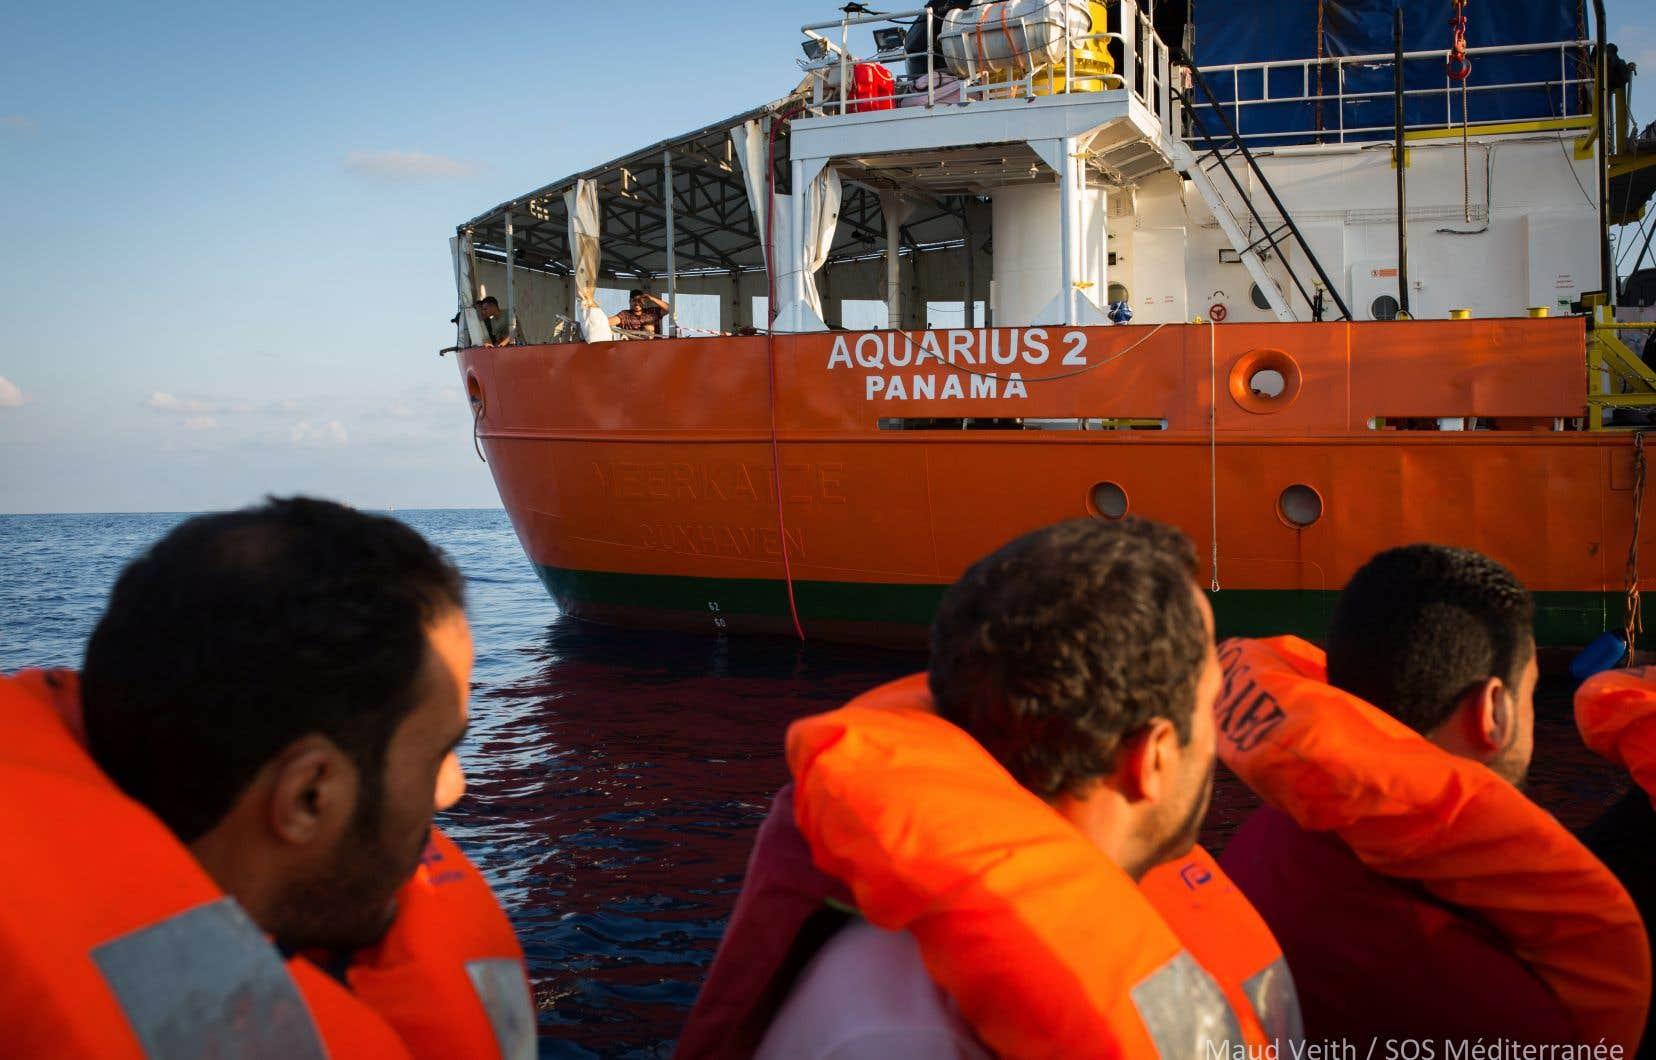 Après la décision du Panama de retirer son immatriculation au navire <em>Aquarius</em>, des parlementaires suisses avaient demandé au pays de lui octroyer le pavillon helvétique à des fins humanitaires.